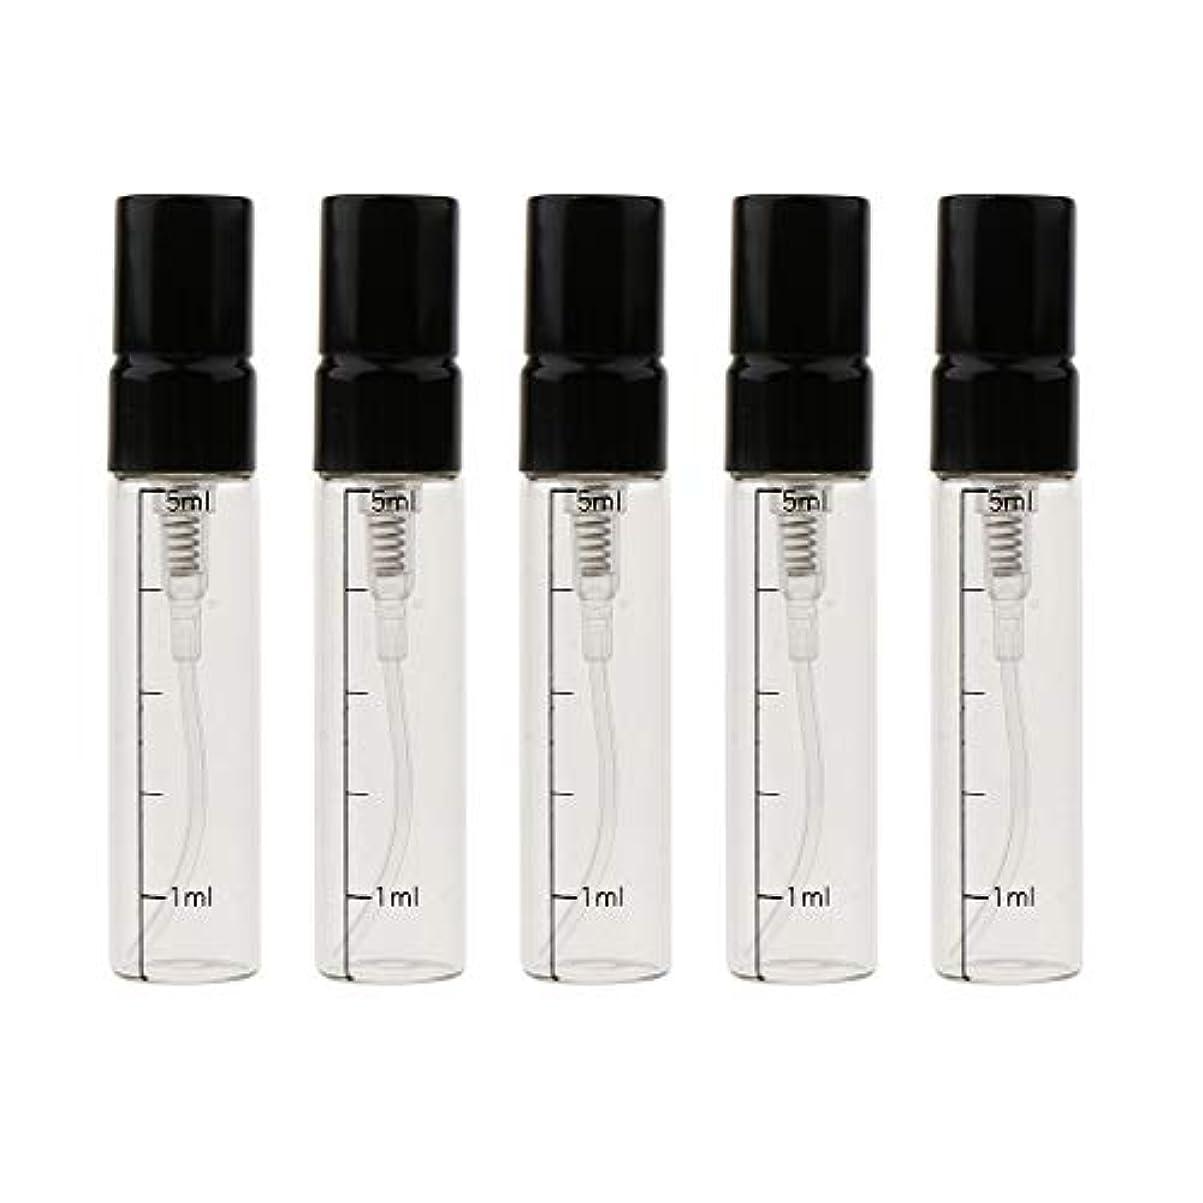 進捗議論するイルT TOOYFUL エッセンシャルオイル ボトル ガラス 5mL 香水ボトル ポンプボトル 3色選べ - ゴールド